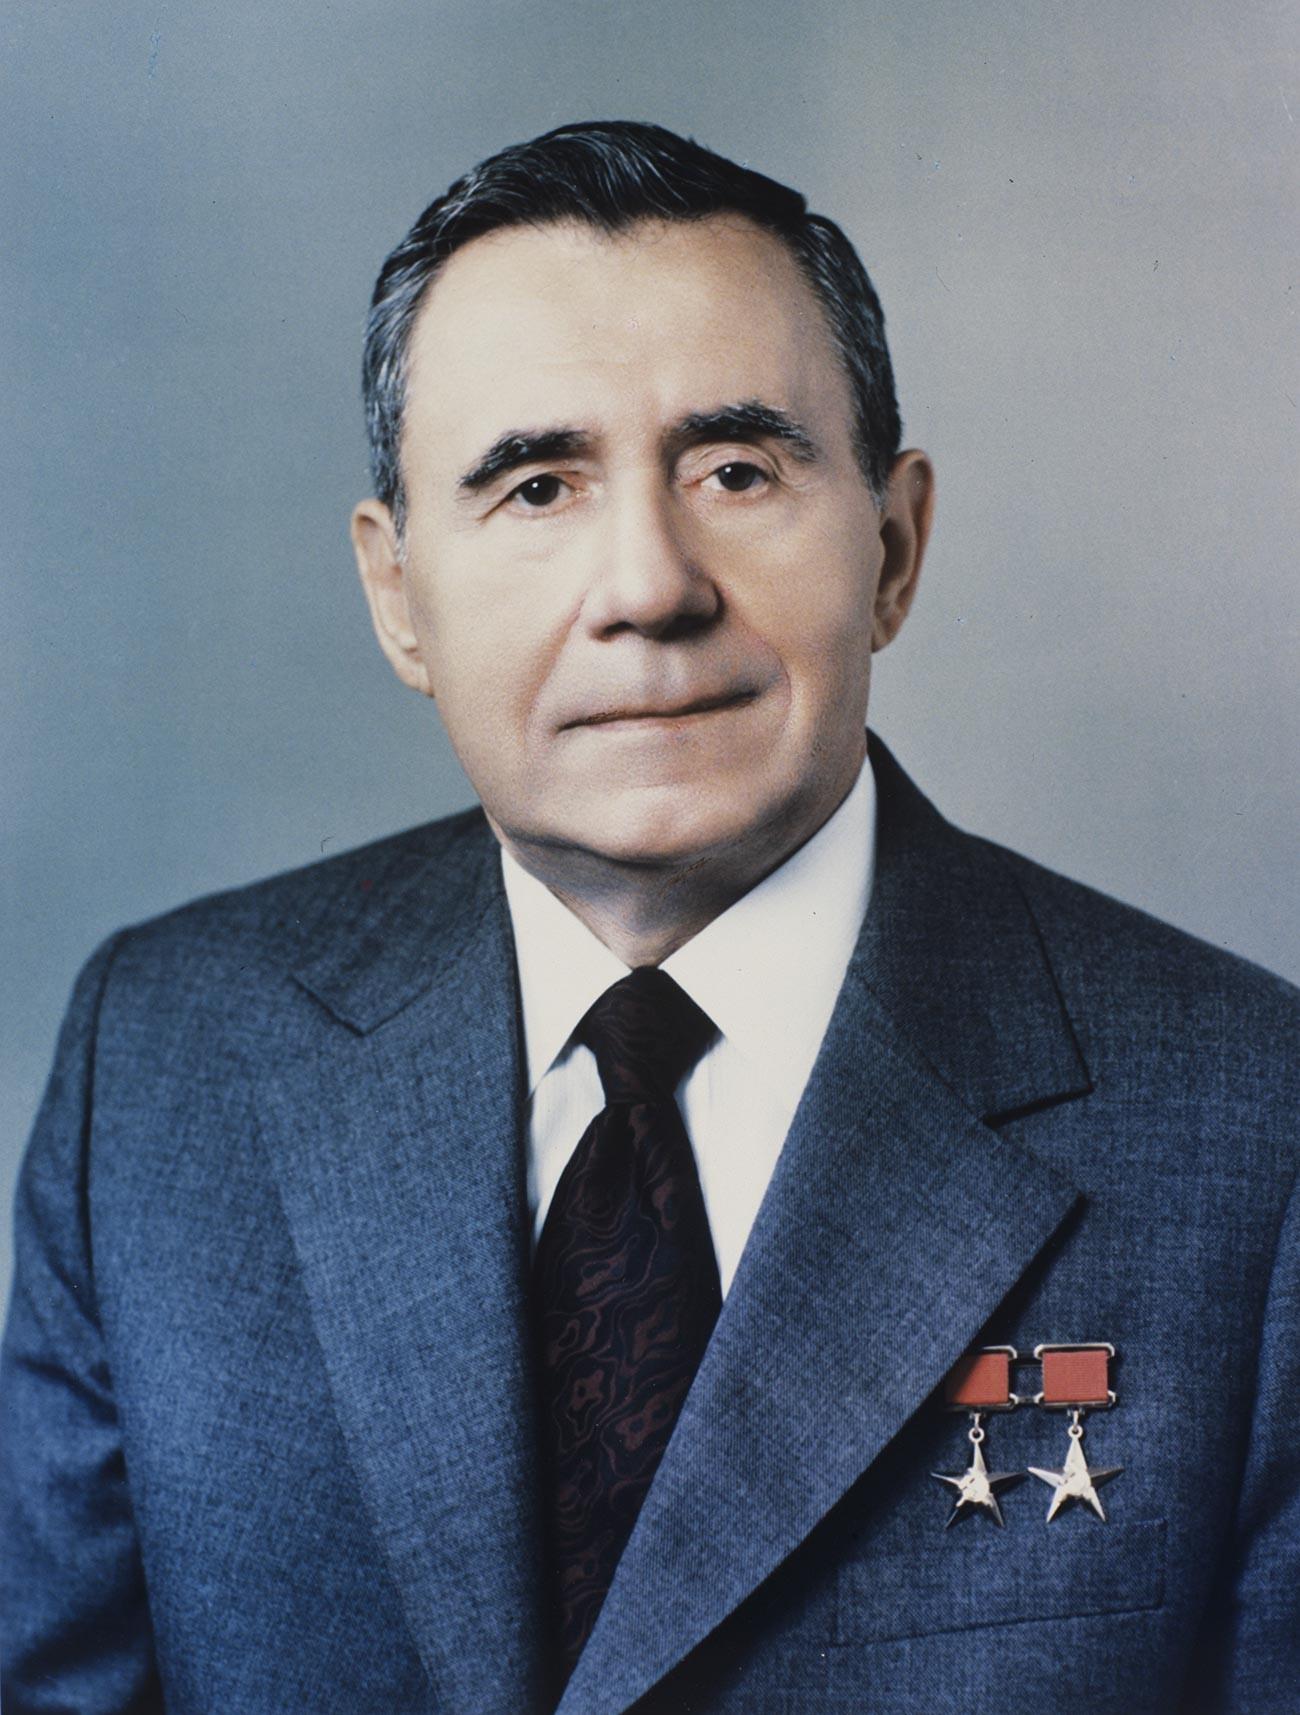 Andrej Gromyko, ministro degli Affari esteri dell'Urss per quasi tre decenni